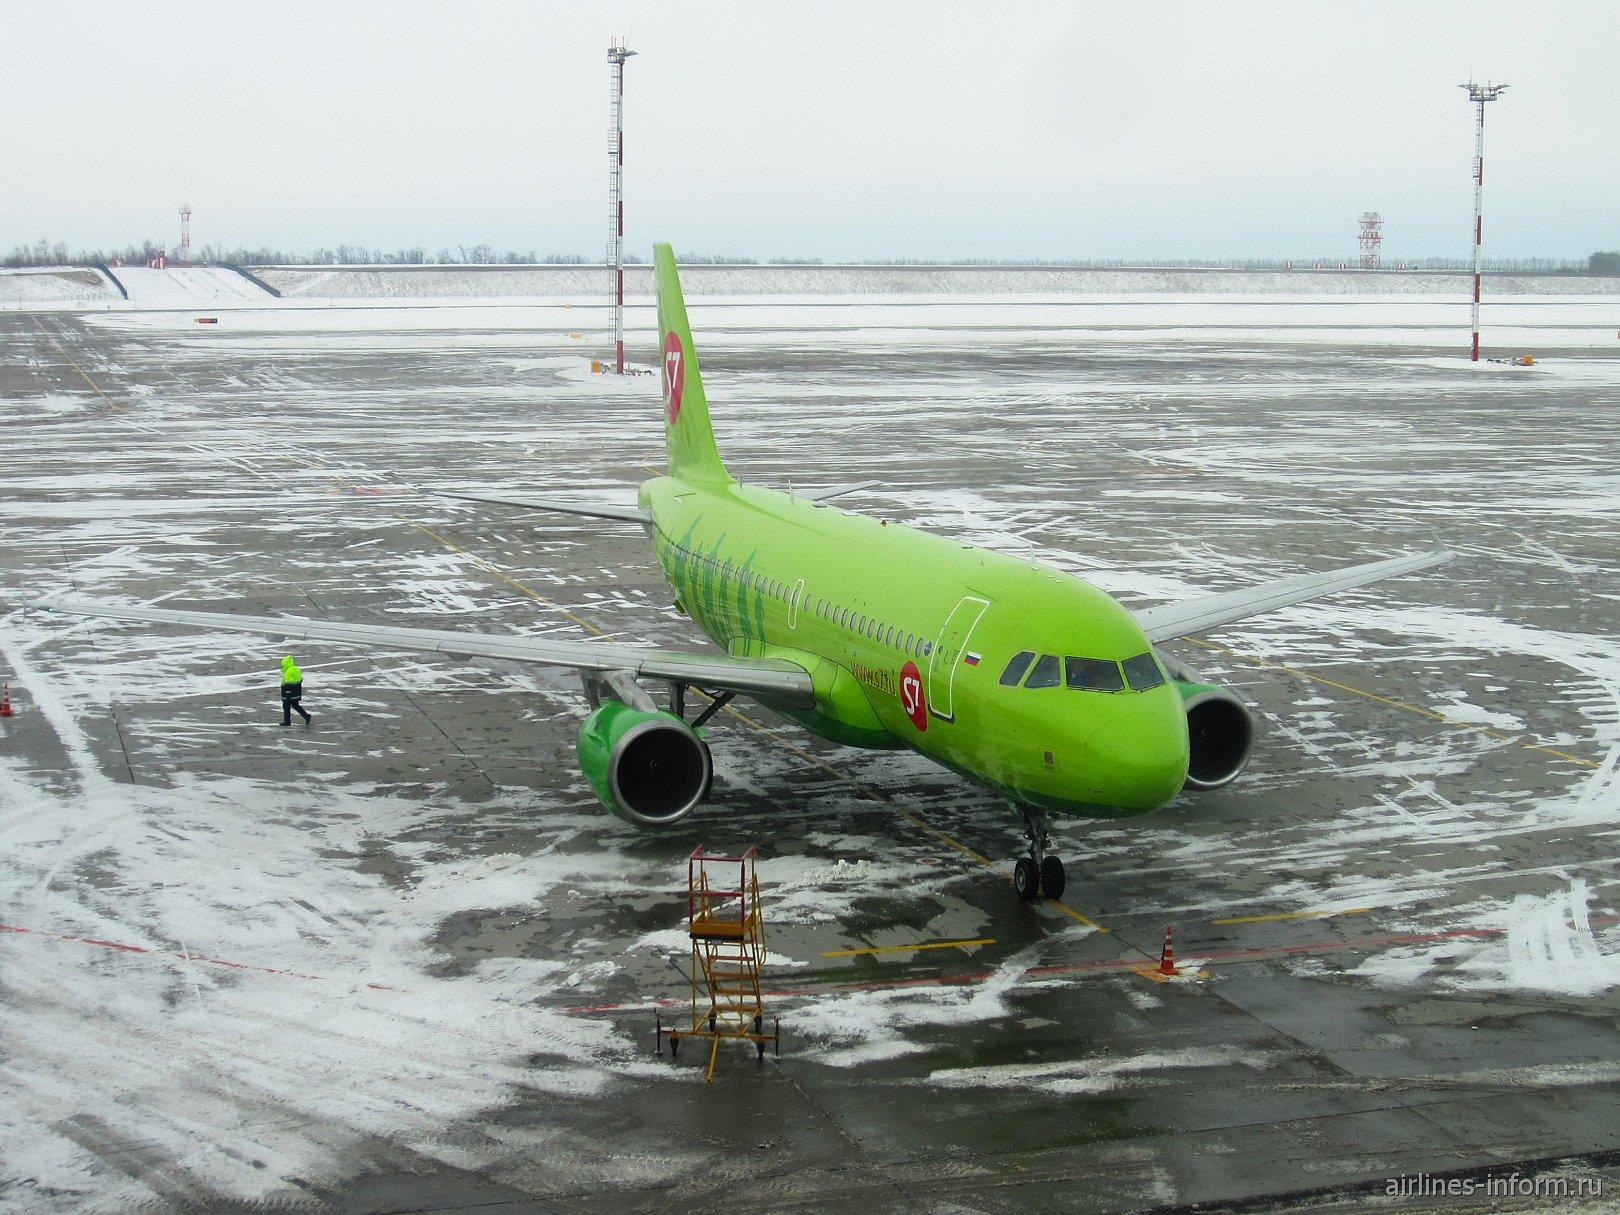 Из Ростова-на-Дону в Москву на зеленом самолете